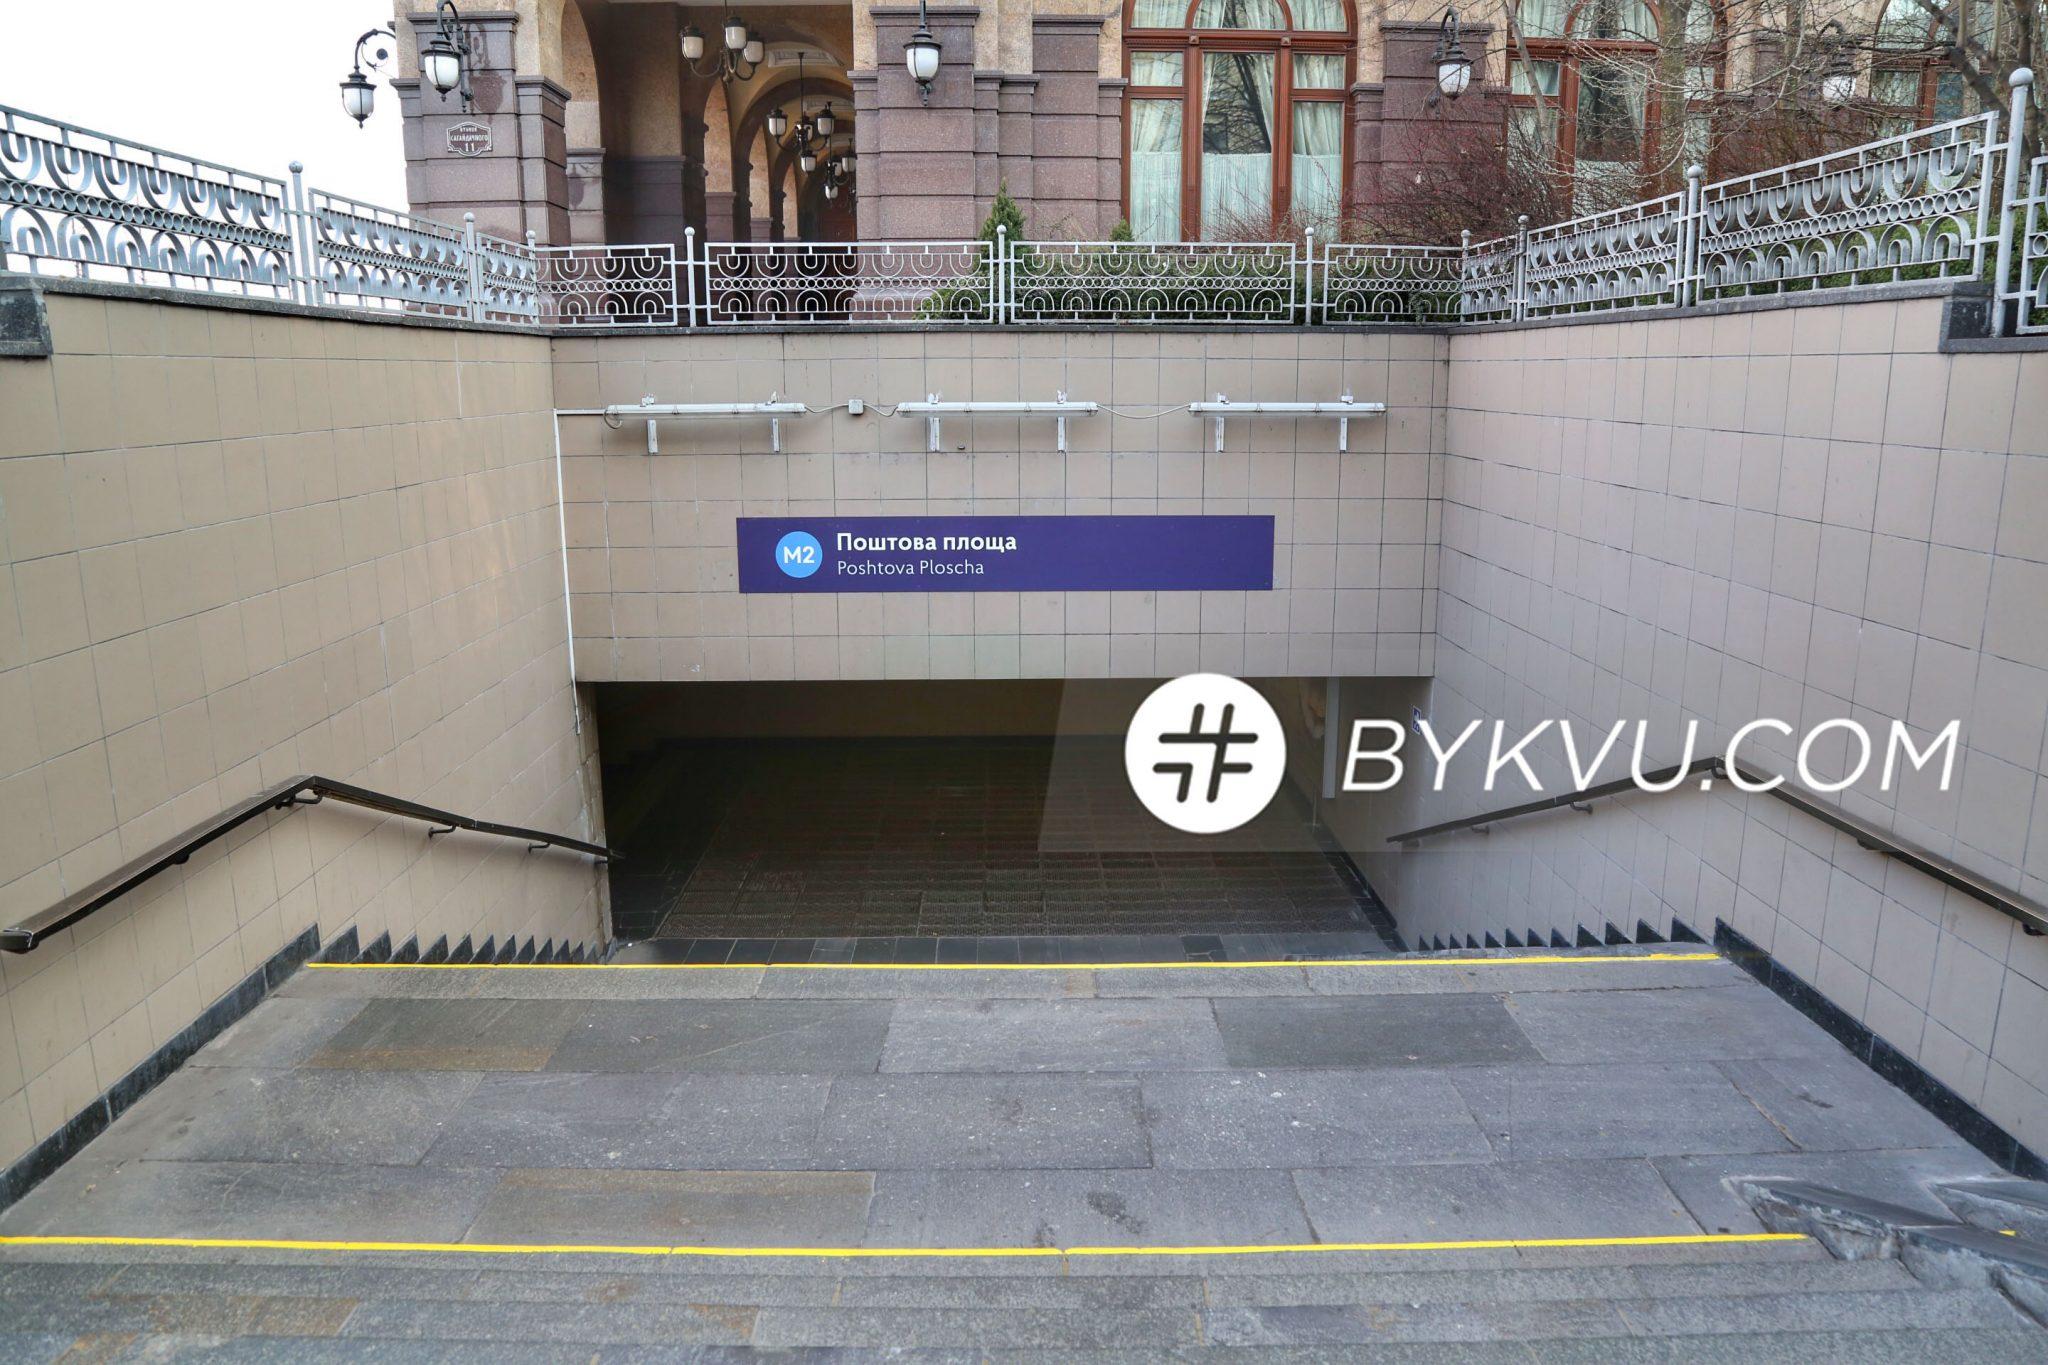 Киев_метро_карантин_маршрутки